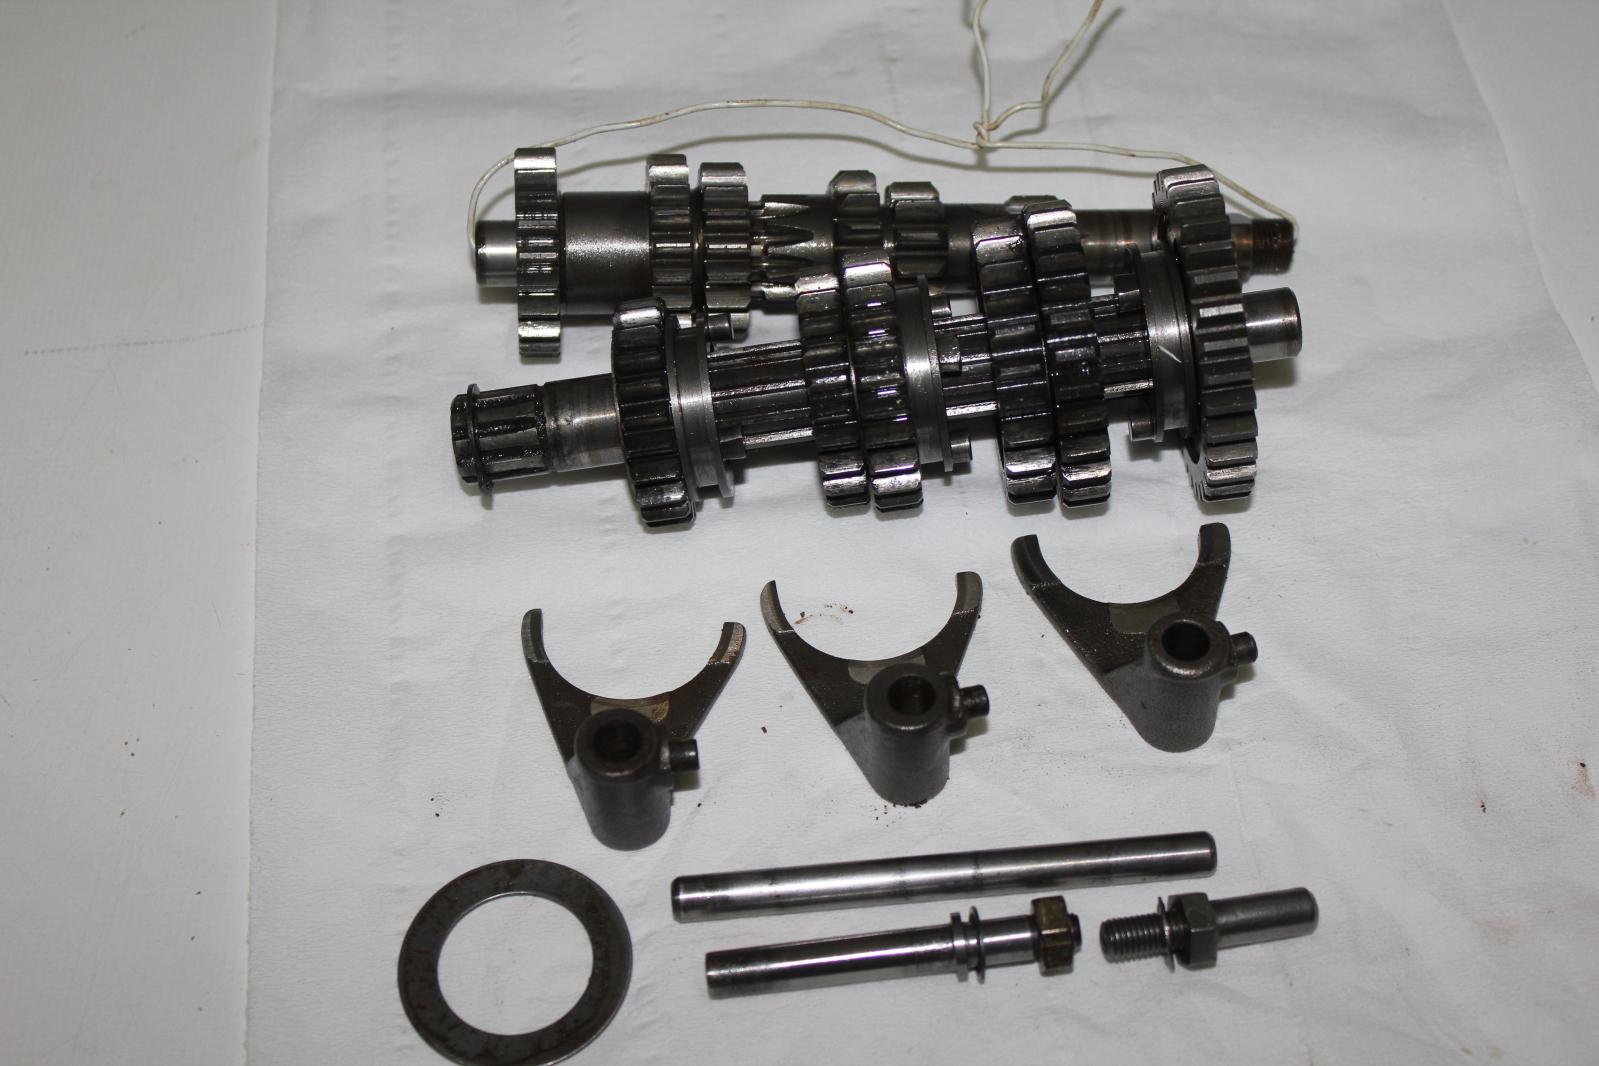 Mejoras en motores P3 P4 RV4 DL P6 K6... - Página 4 2qx56h1